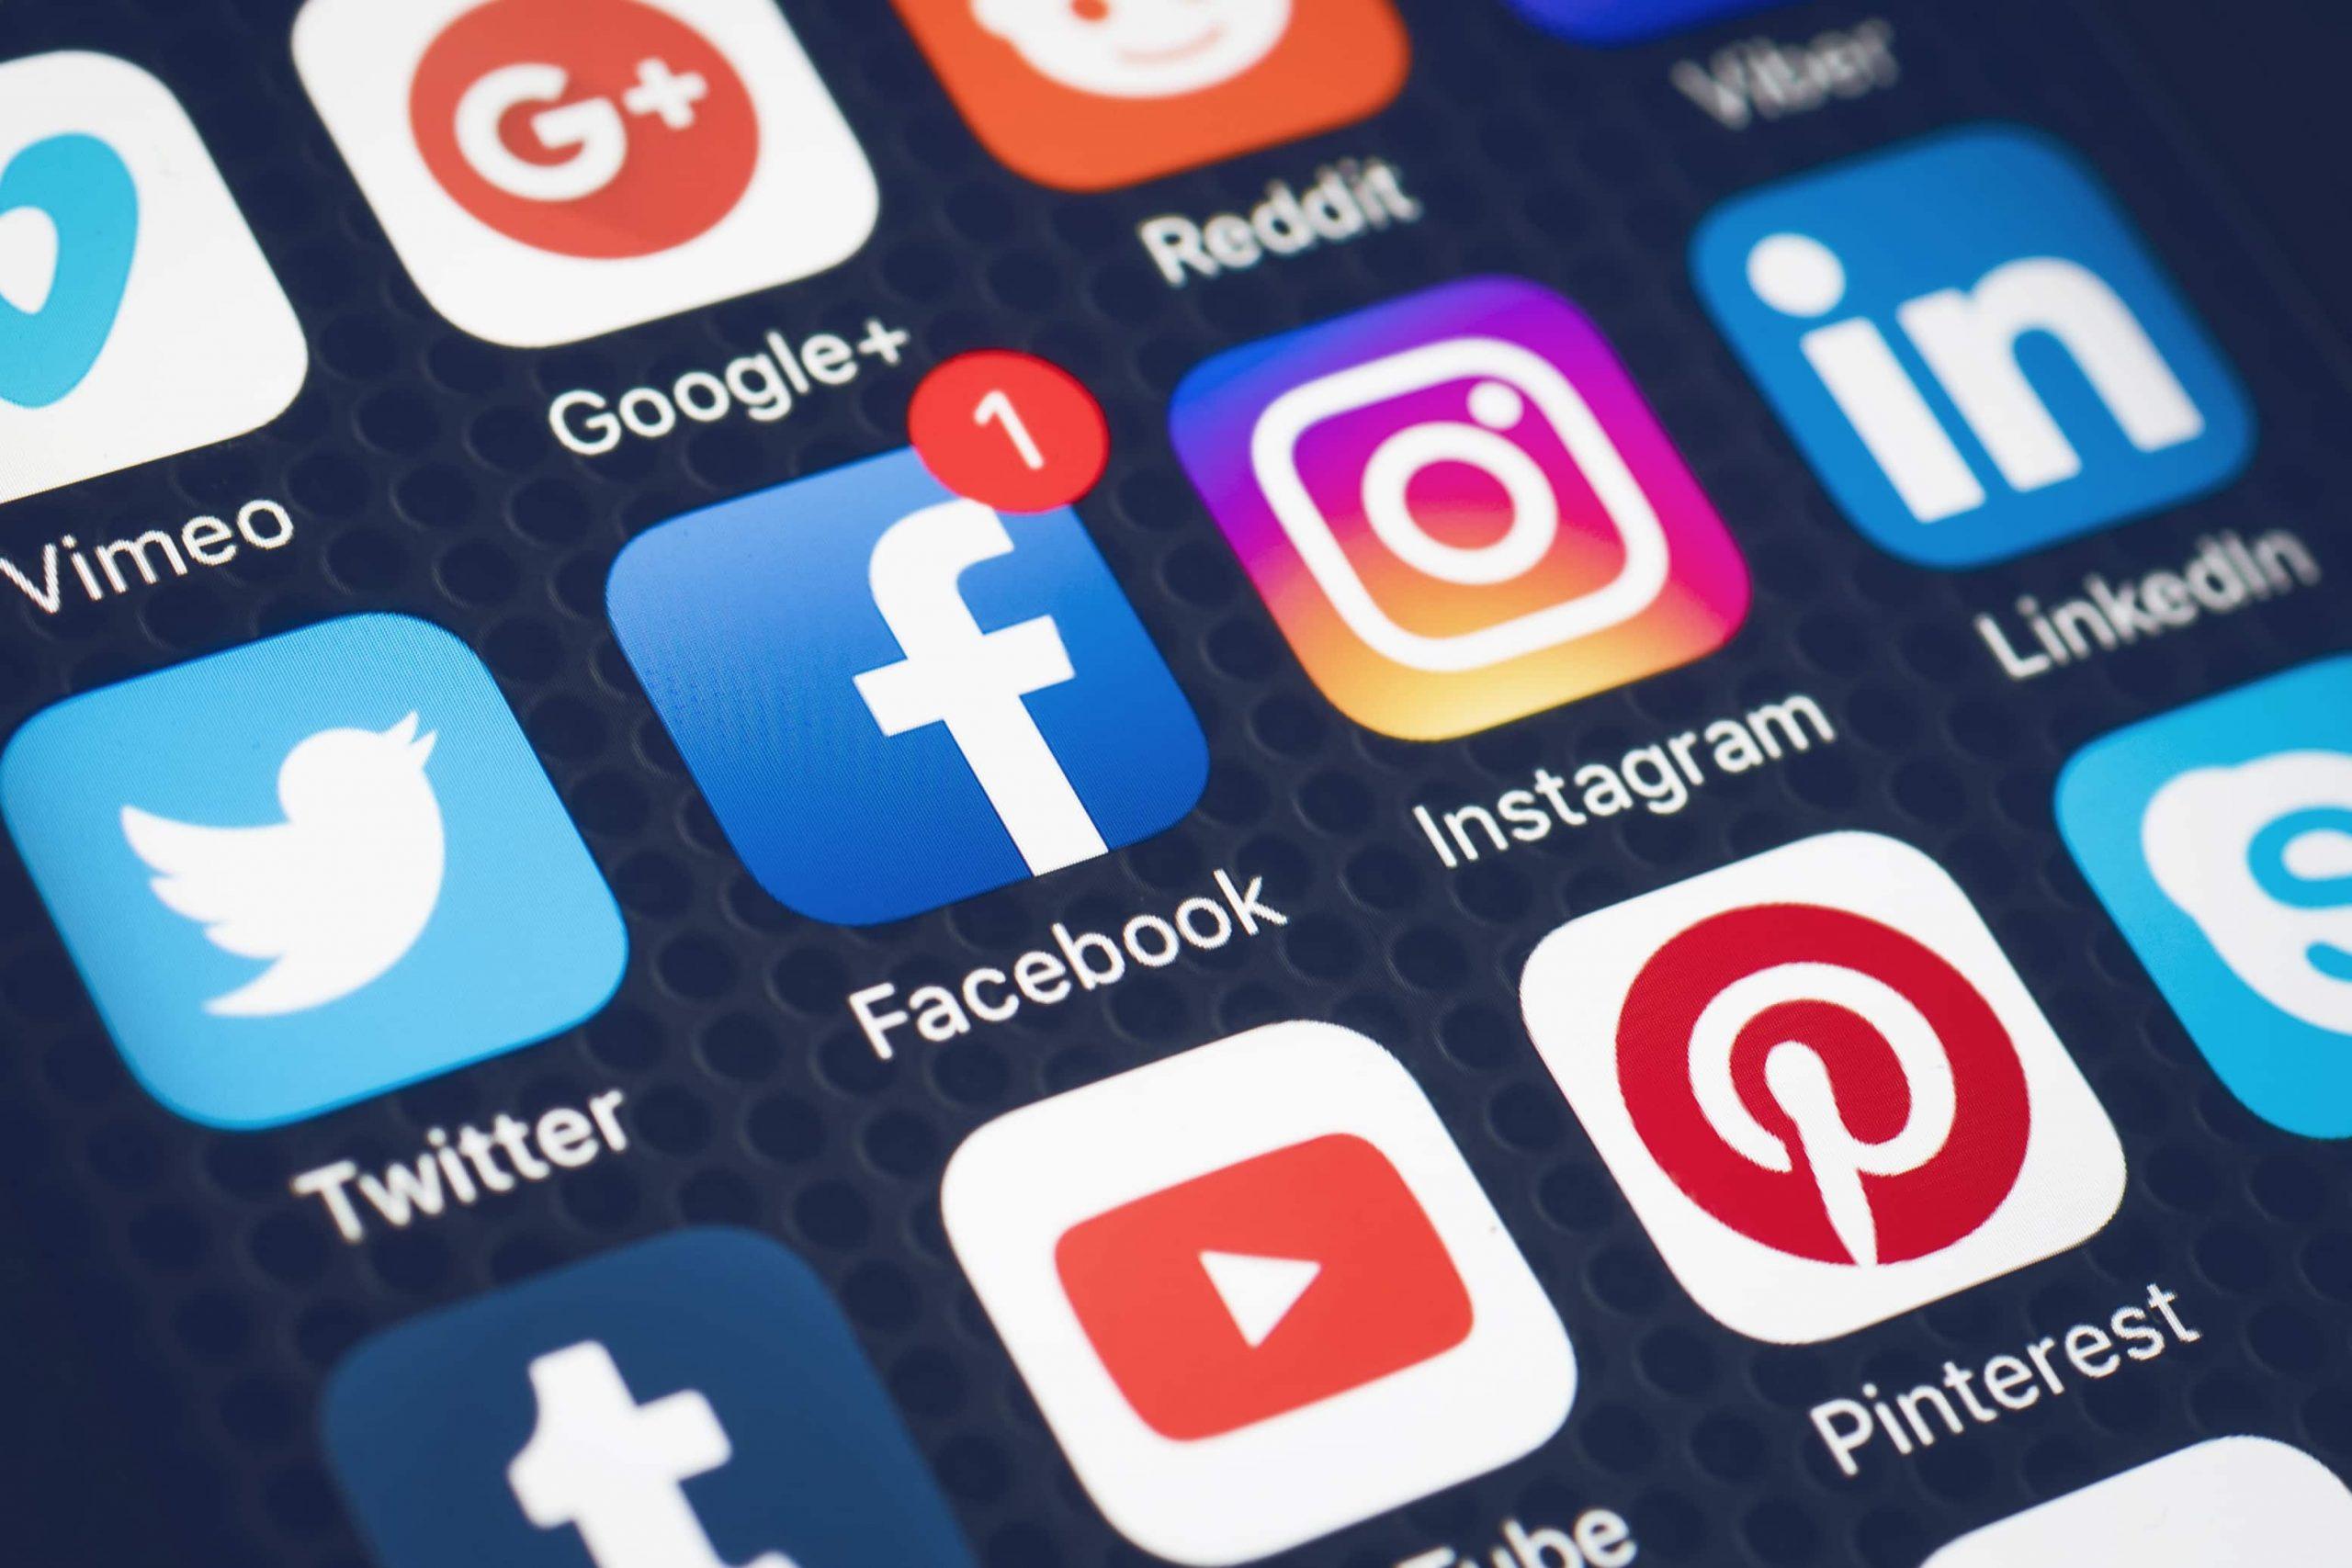 دولت استرالیا، الزام احراز هویت برای استفاده از شبکههای اجتماعی را بررسی میکند